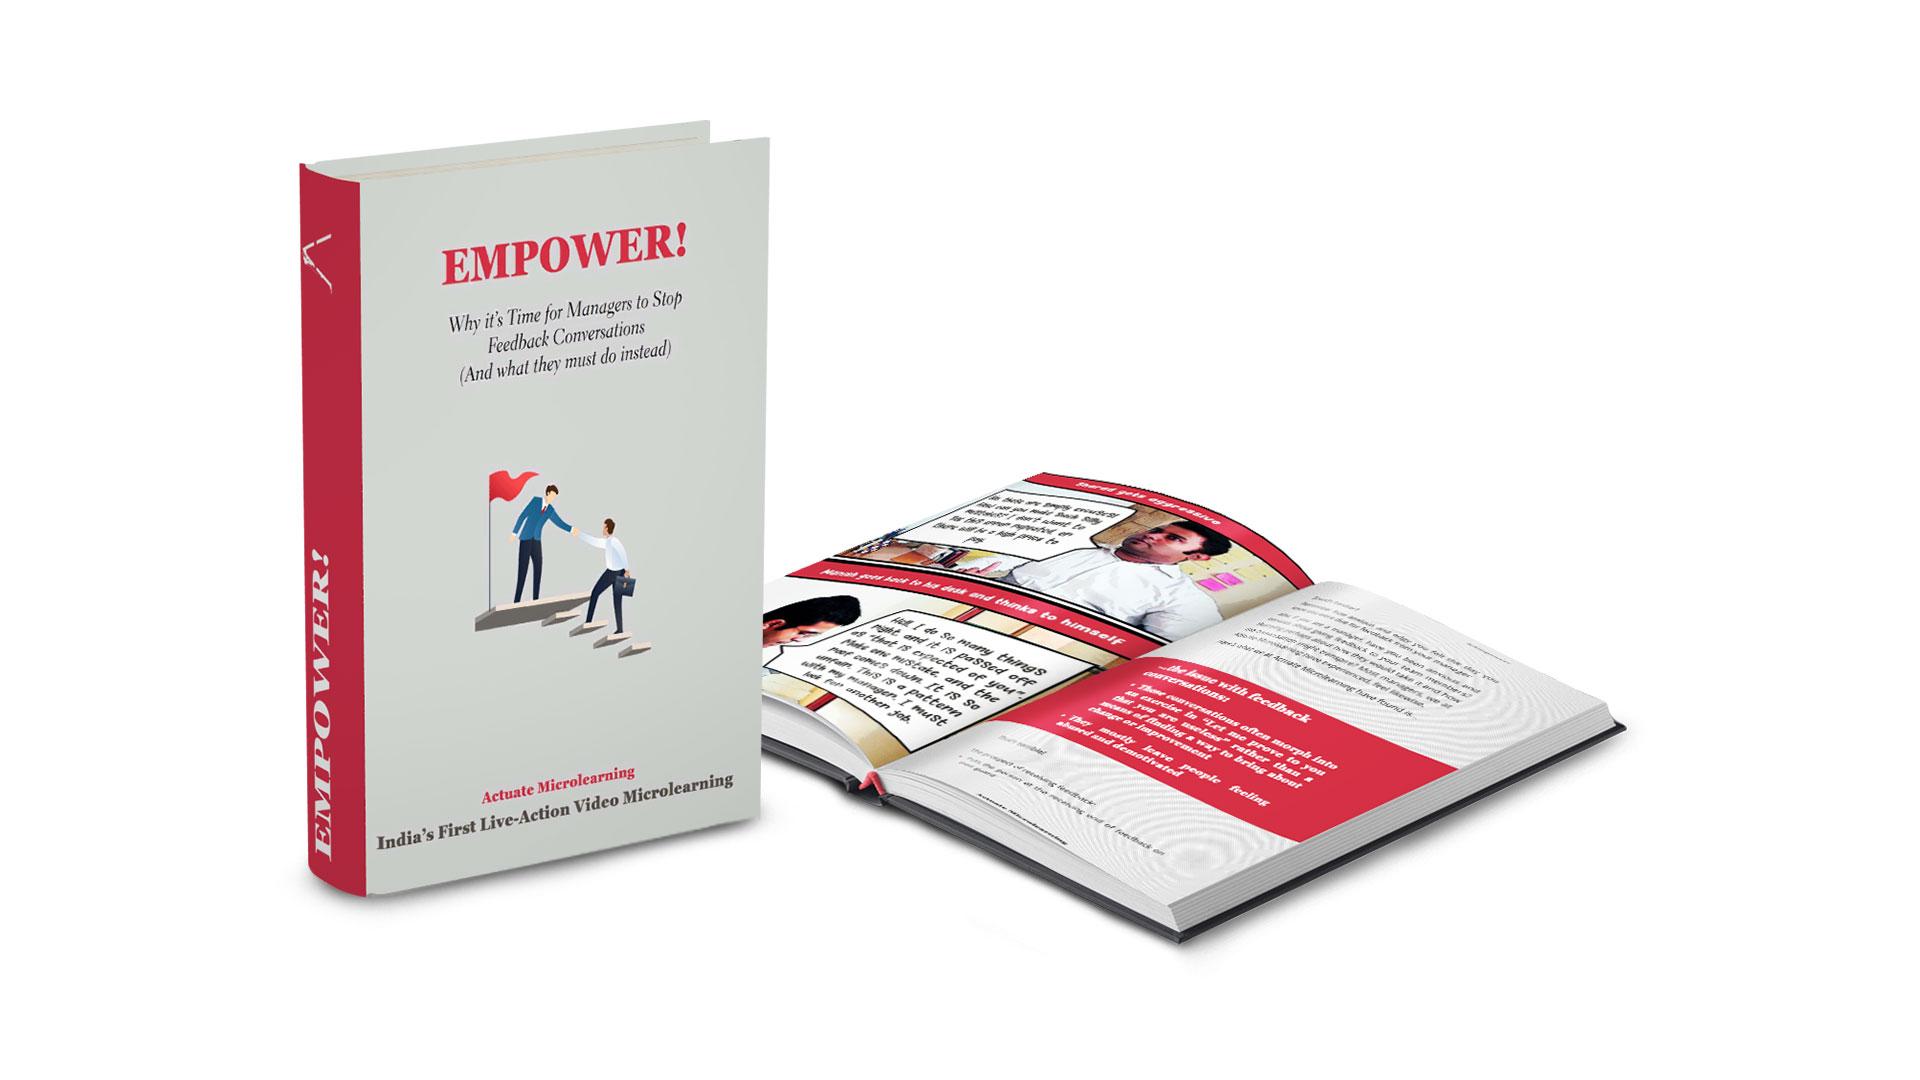 [eBook] Empower!